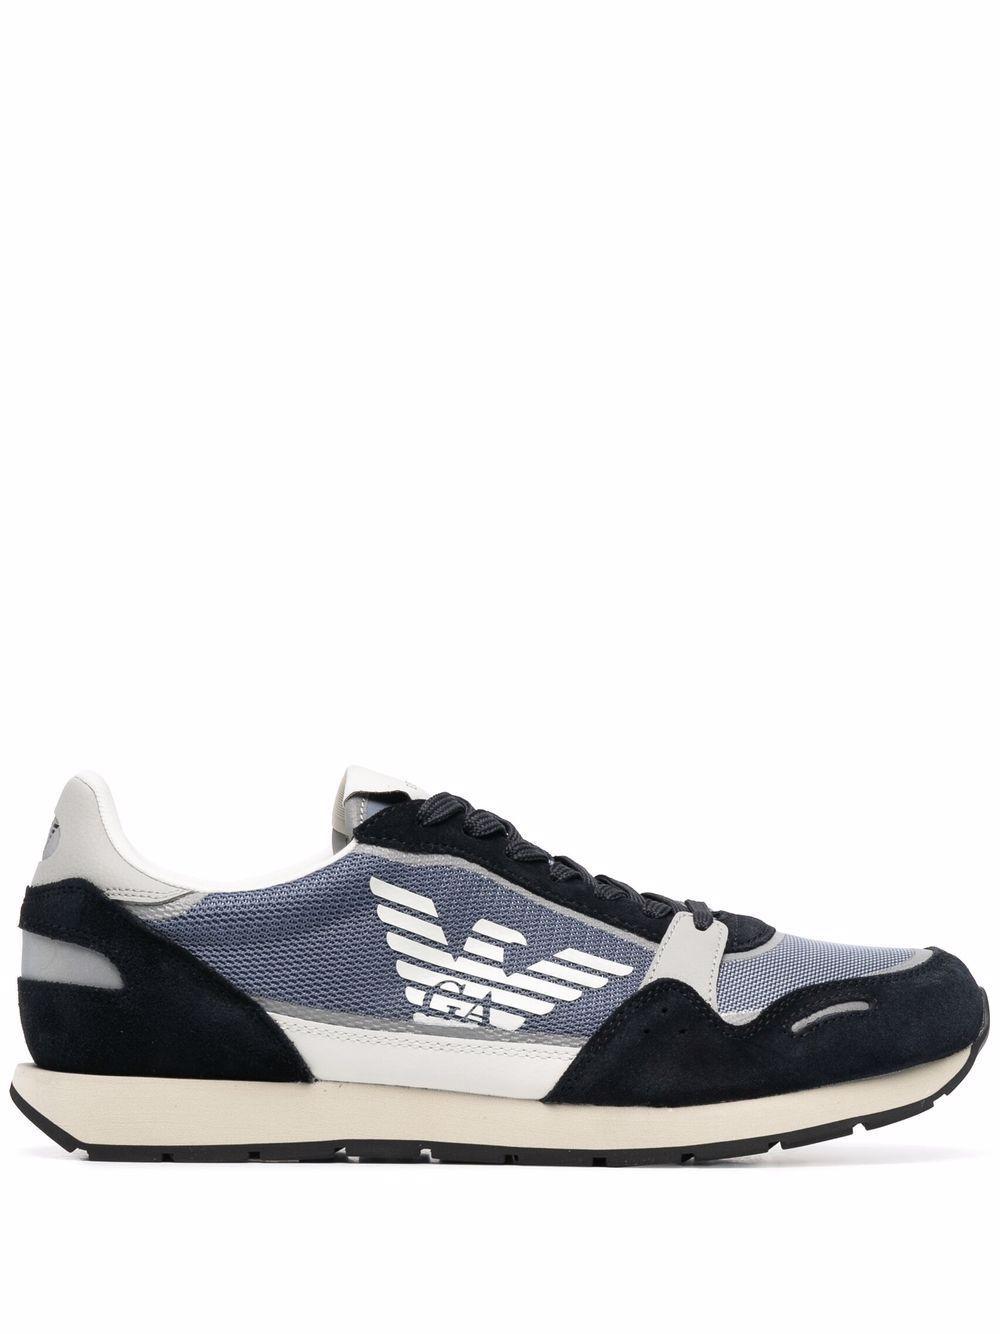 Sneaker con logo laterale